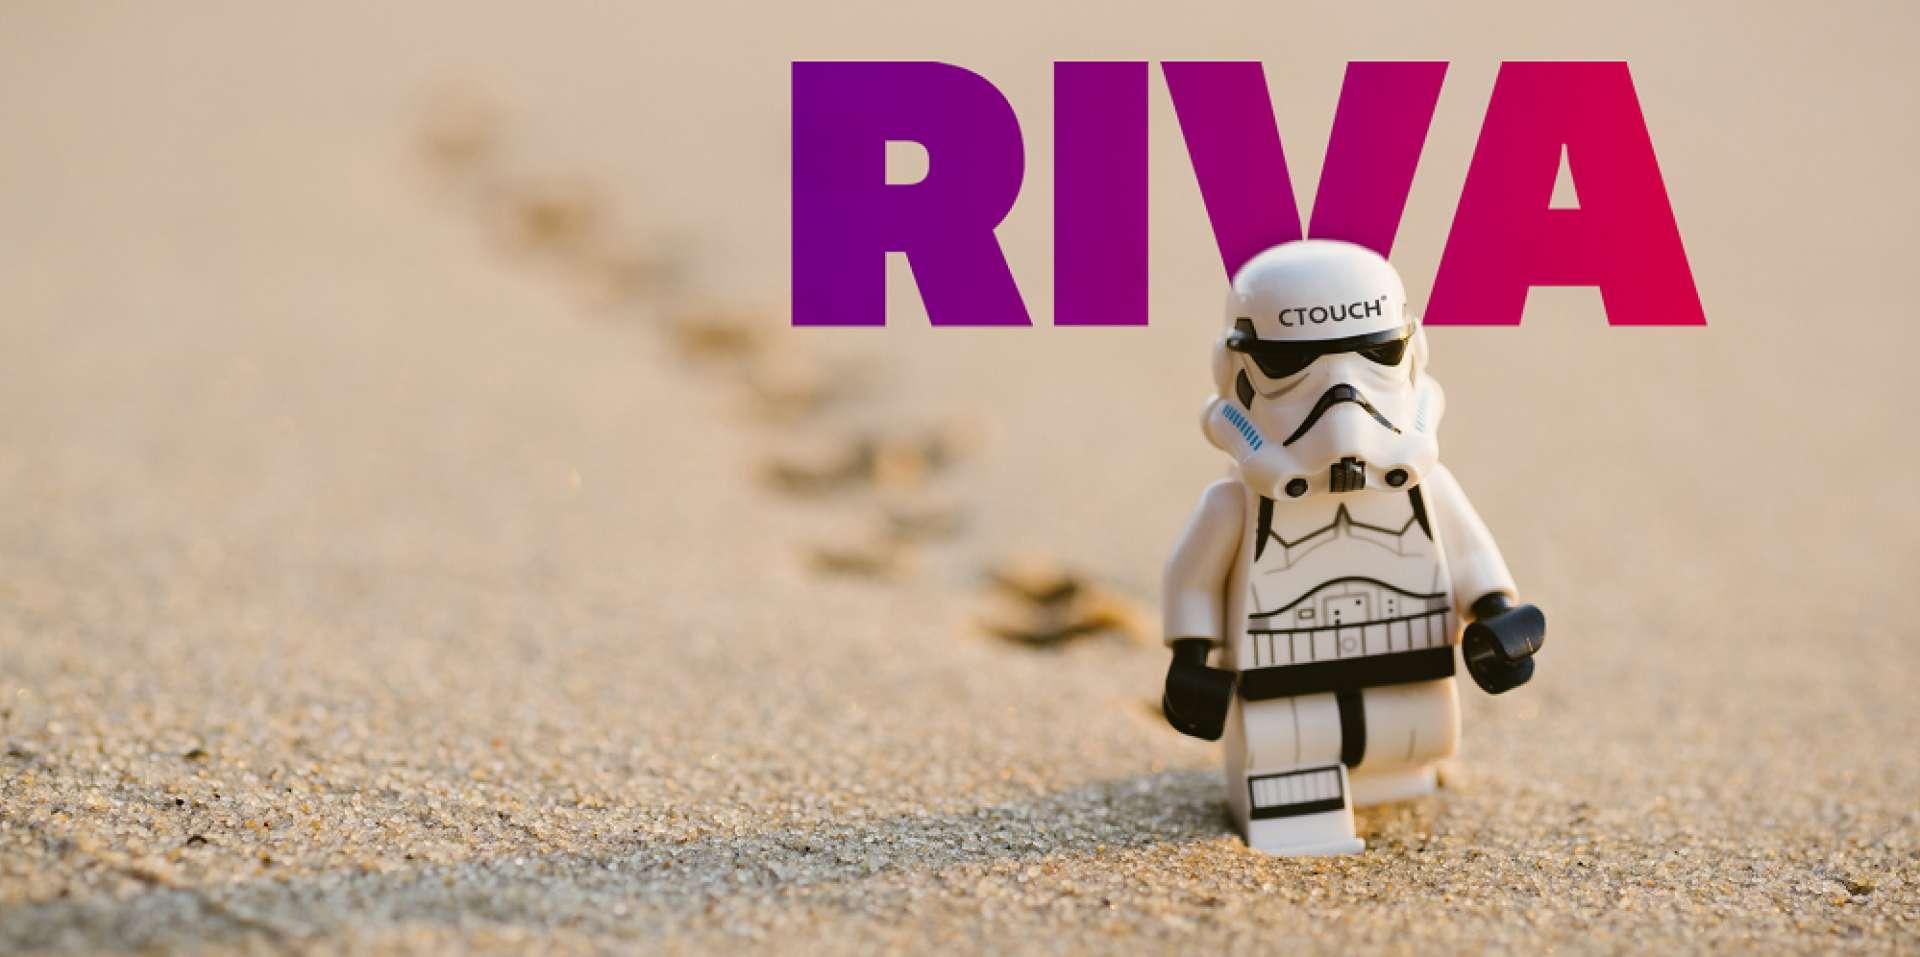 Star Wars RIVA lr